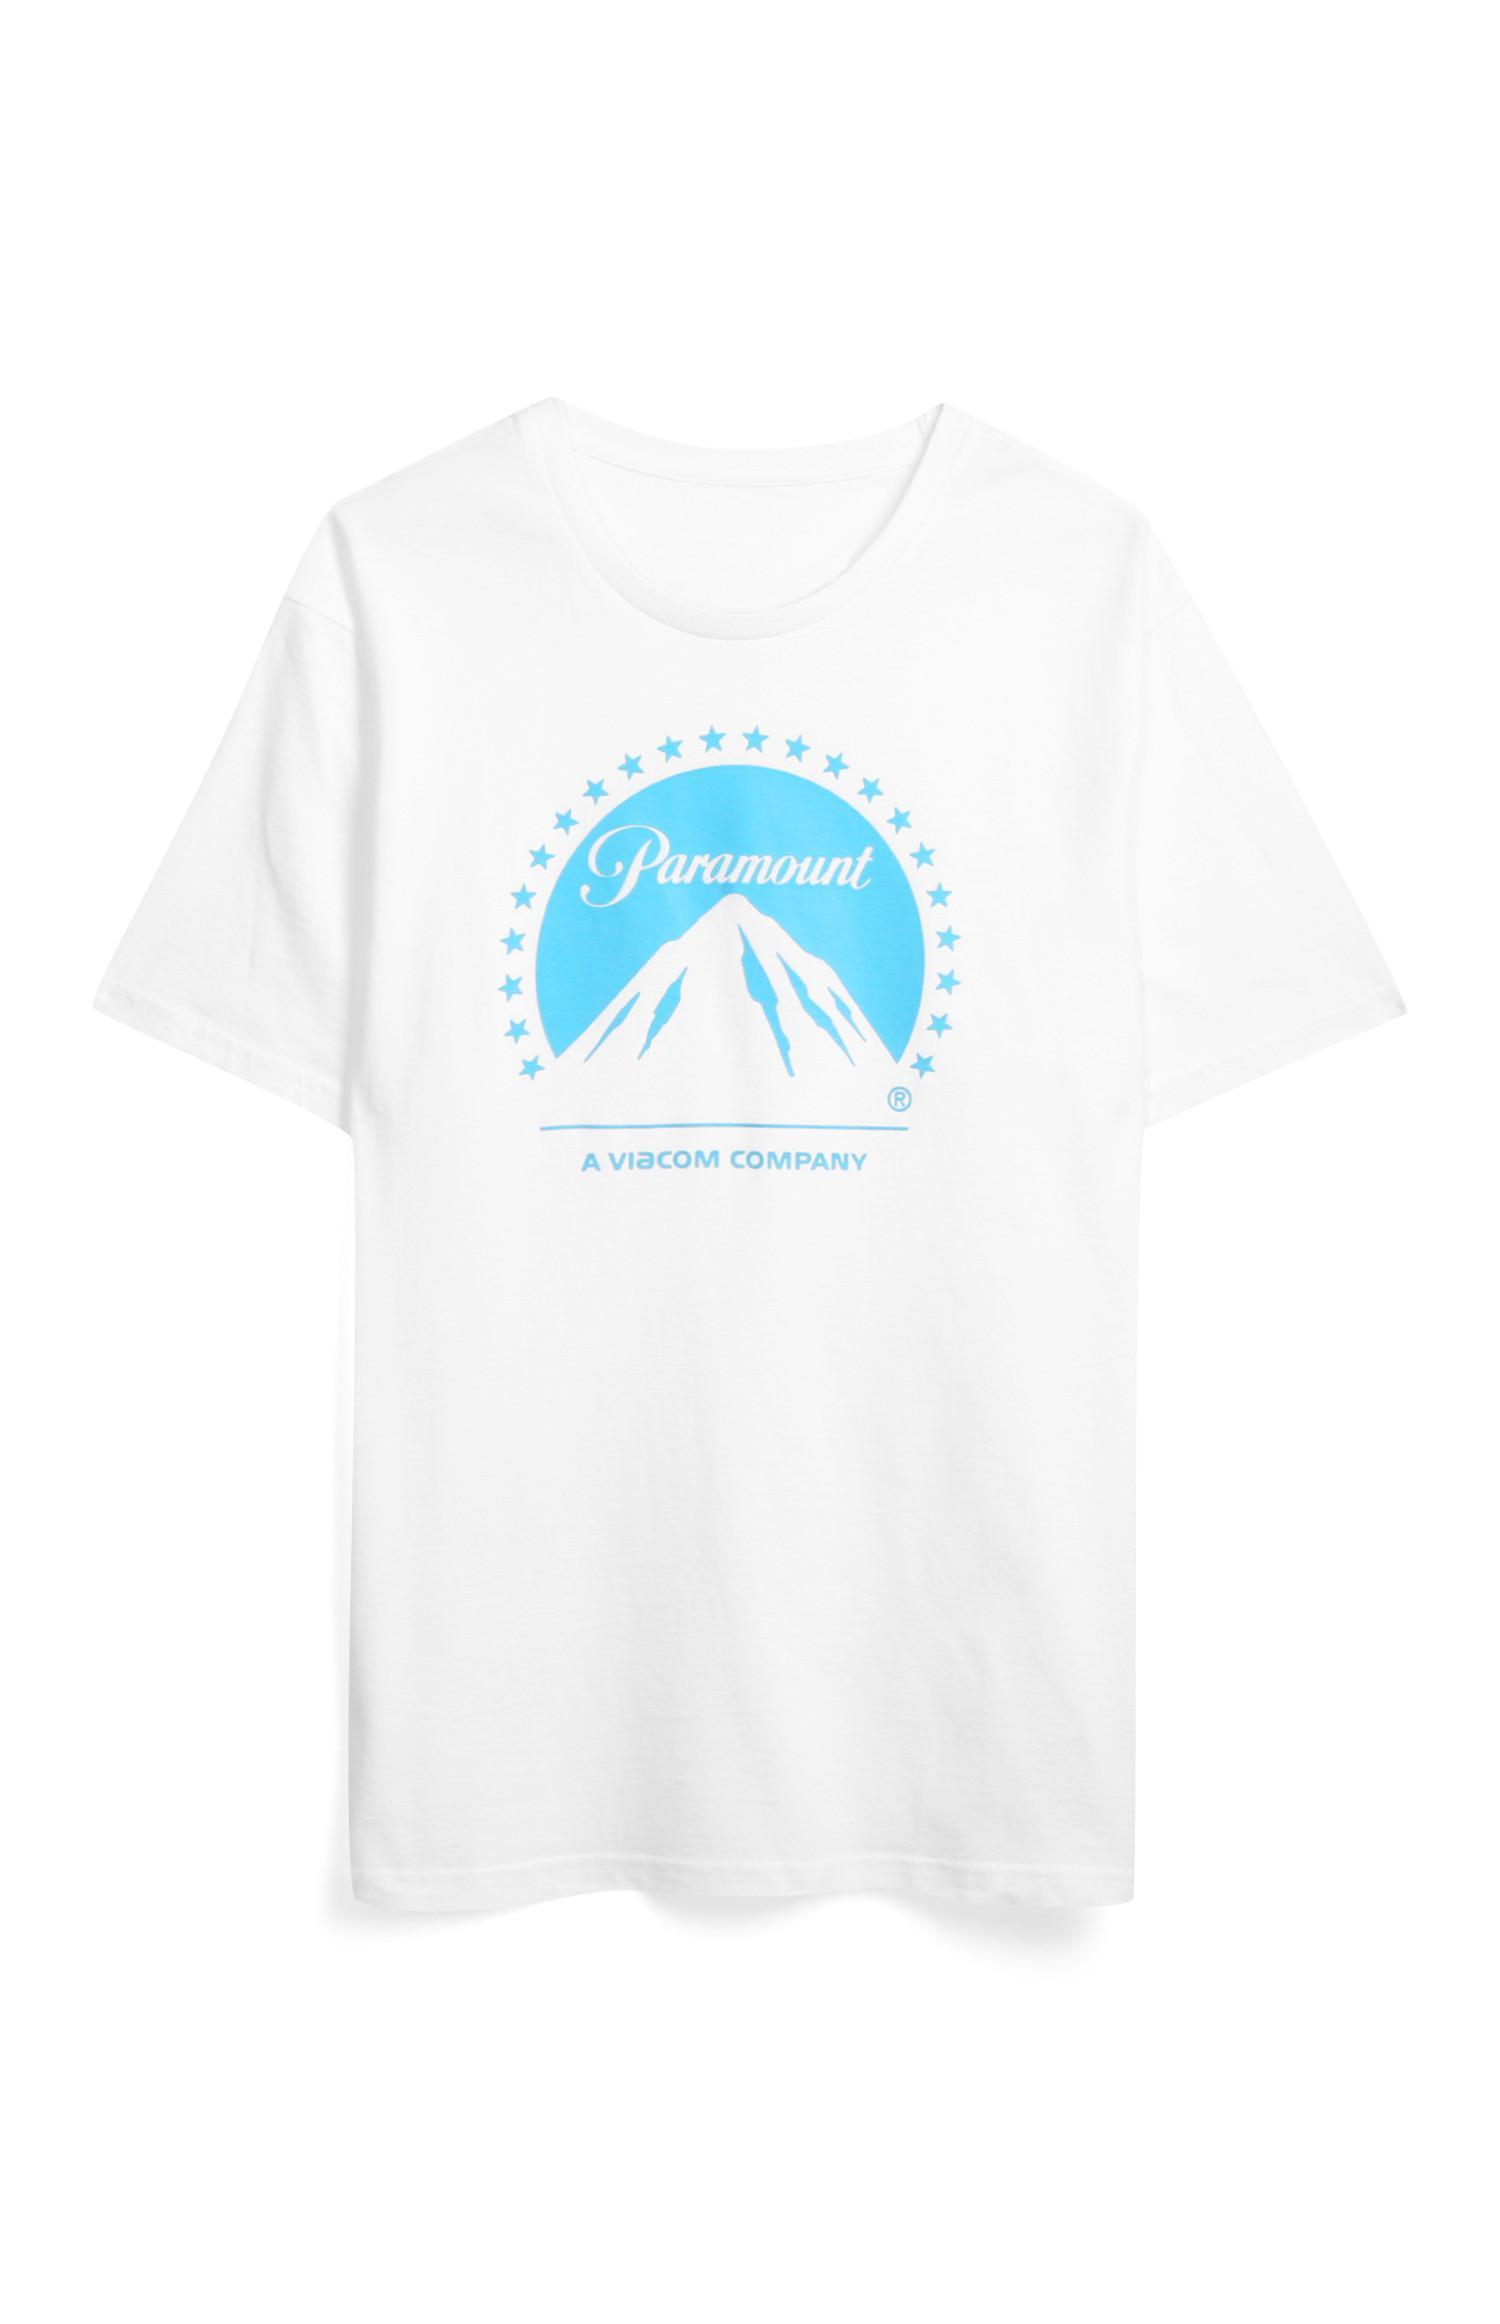 Wit T-shirt met Paramount-print